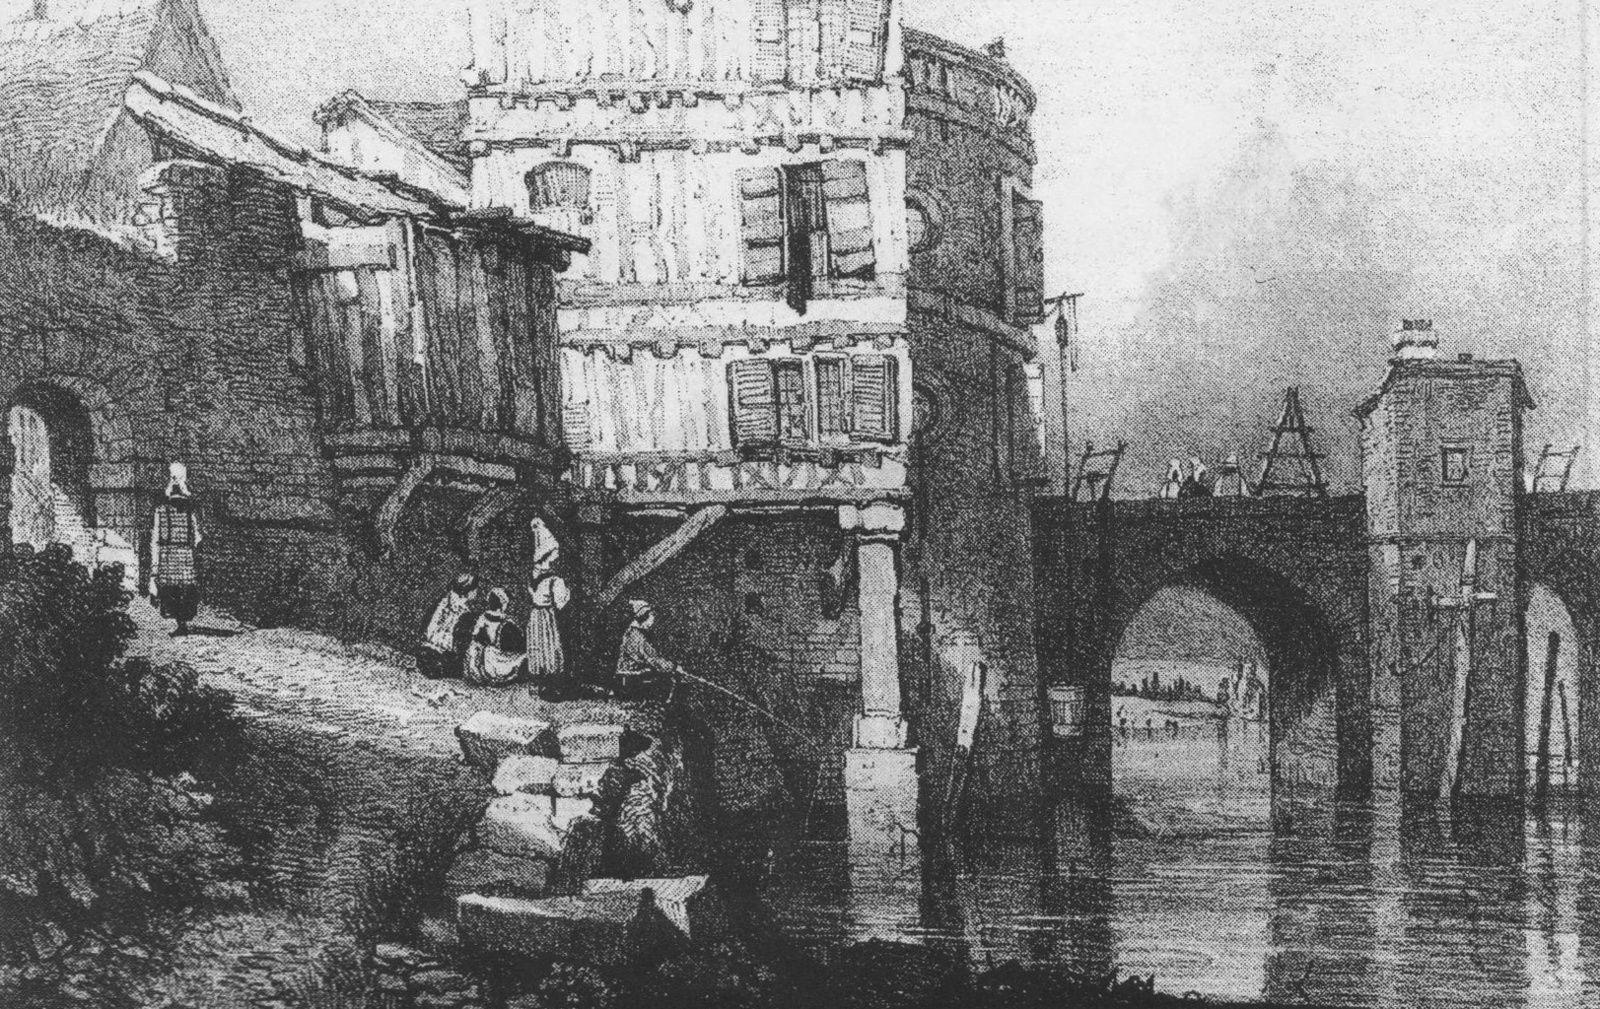 La poterne de la Grande chaussée, tout à gauche de ce dessin anonyme du début du XIXe siècle, se trouve en bas de l'actuelle rue Abbaye-sans-toile, derrière le Crédit agricole. Au centre, une des deux tours de la porte de Rouen et le logis construit autour.